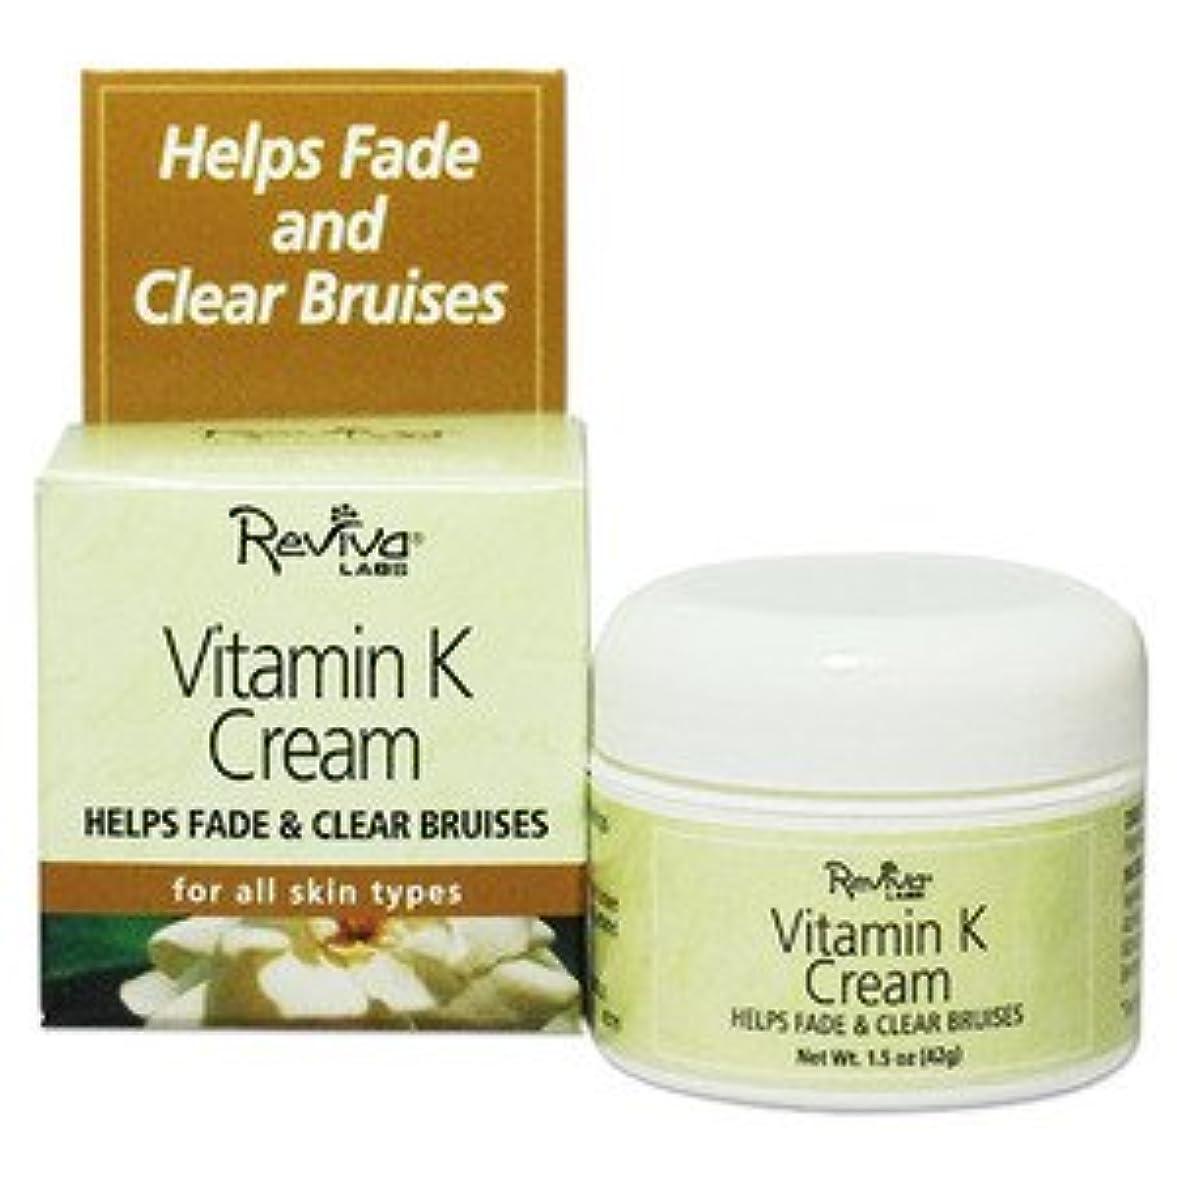 コンパスオピエート恥Reviva Labs レビバ社 Vitamin K Cream  (42 g)  ビタミンK クリーム 海外直送品